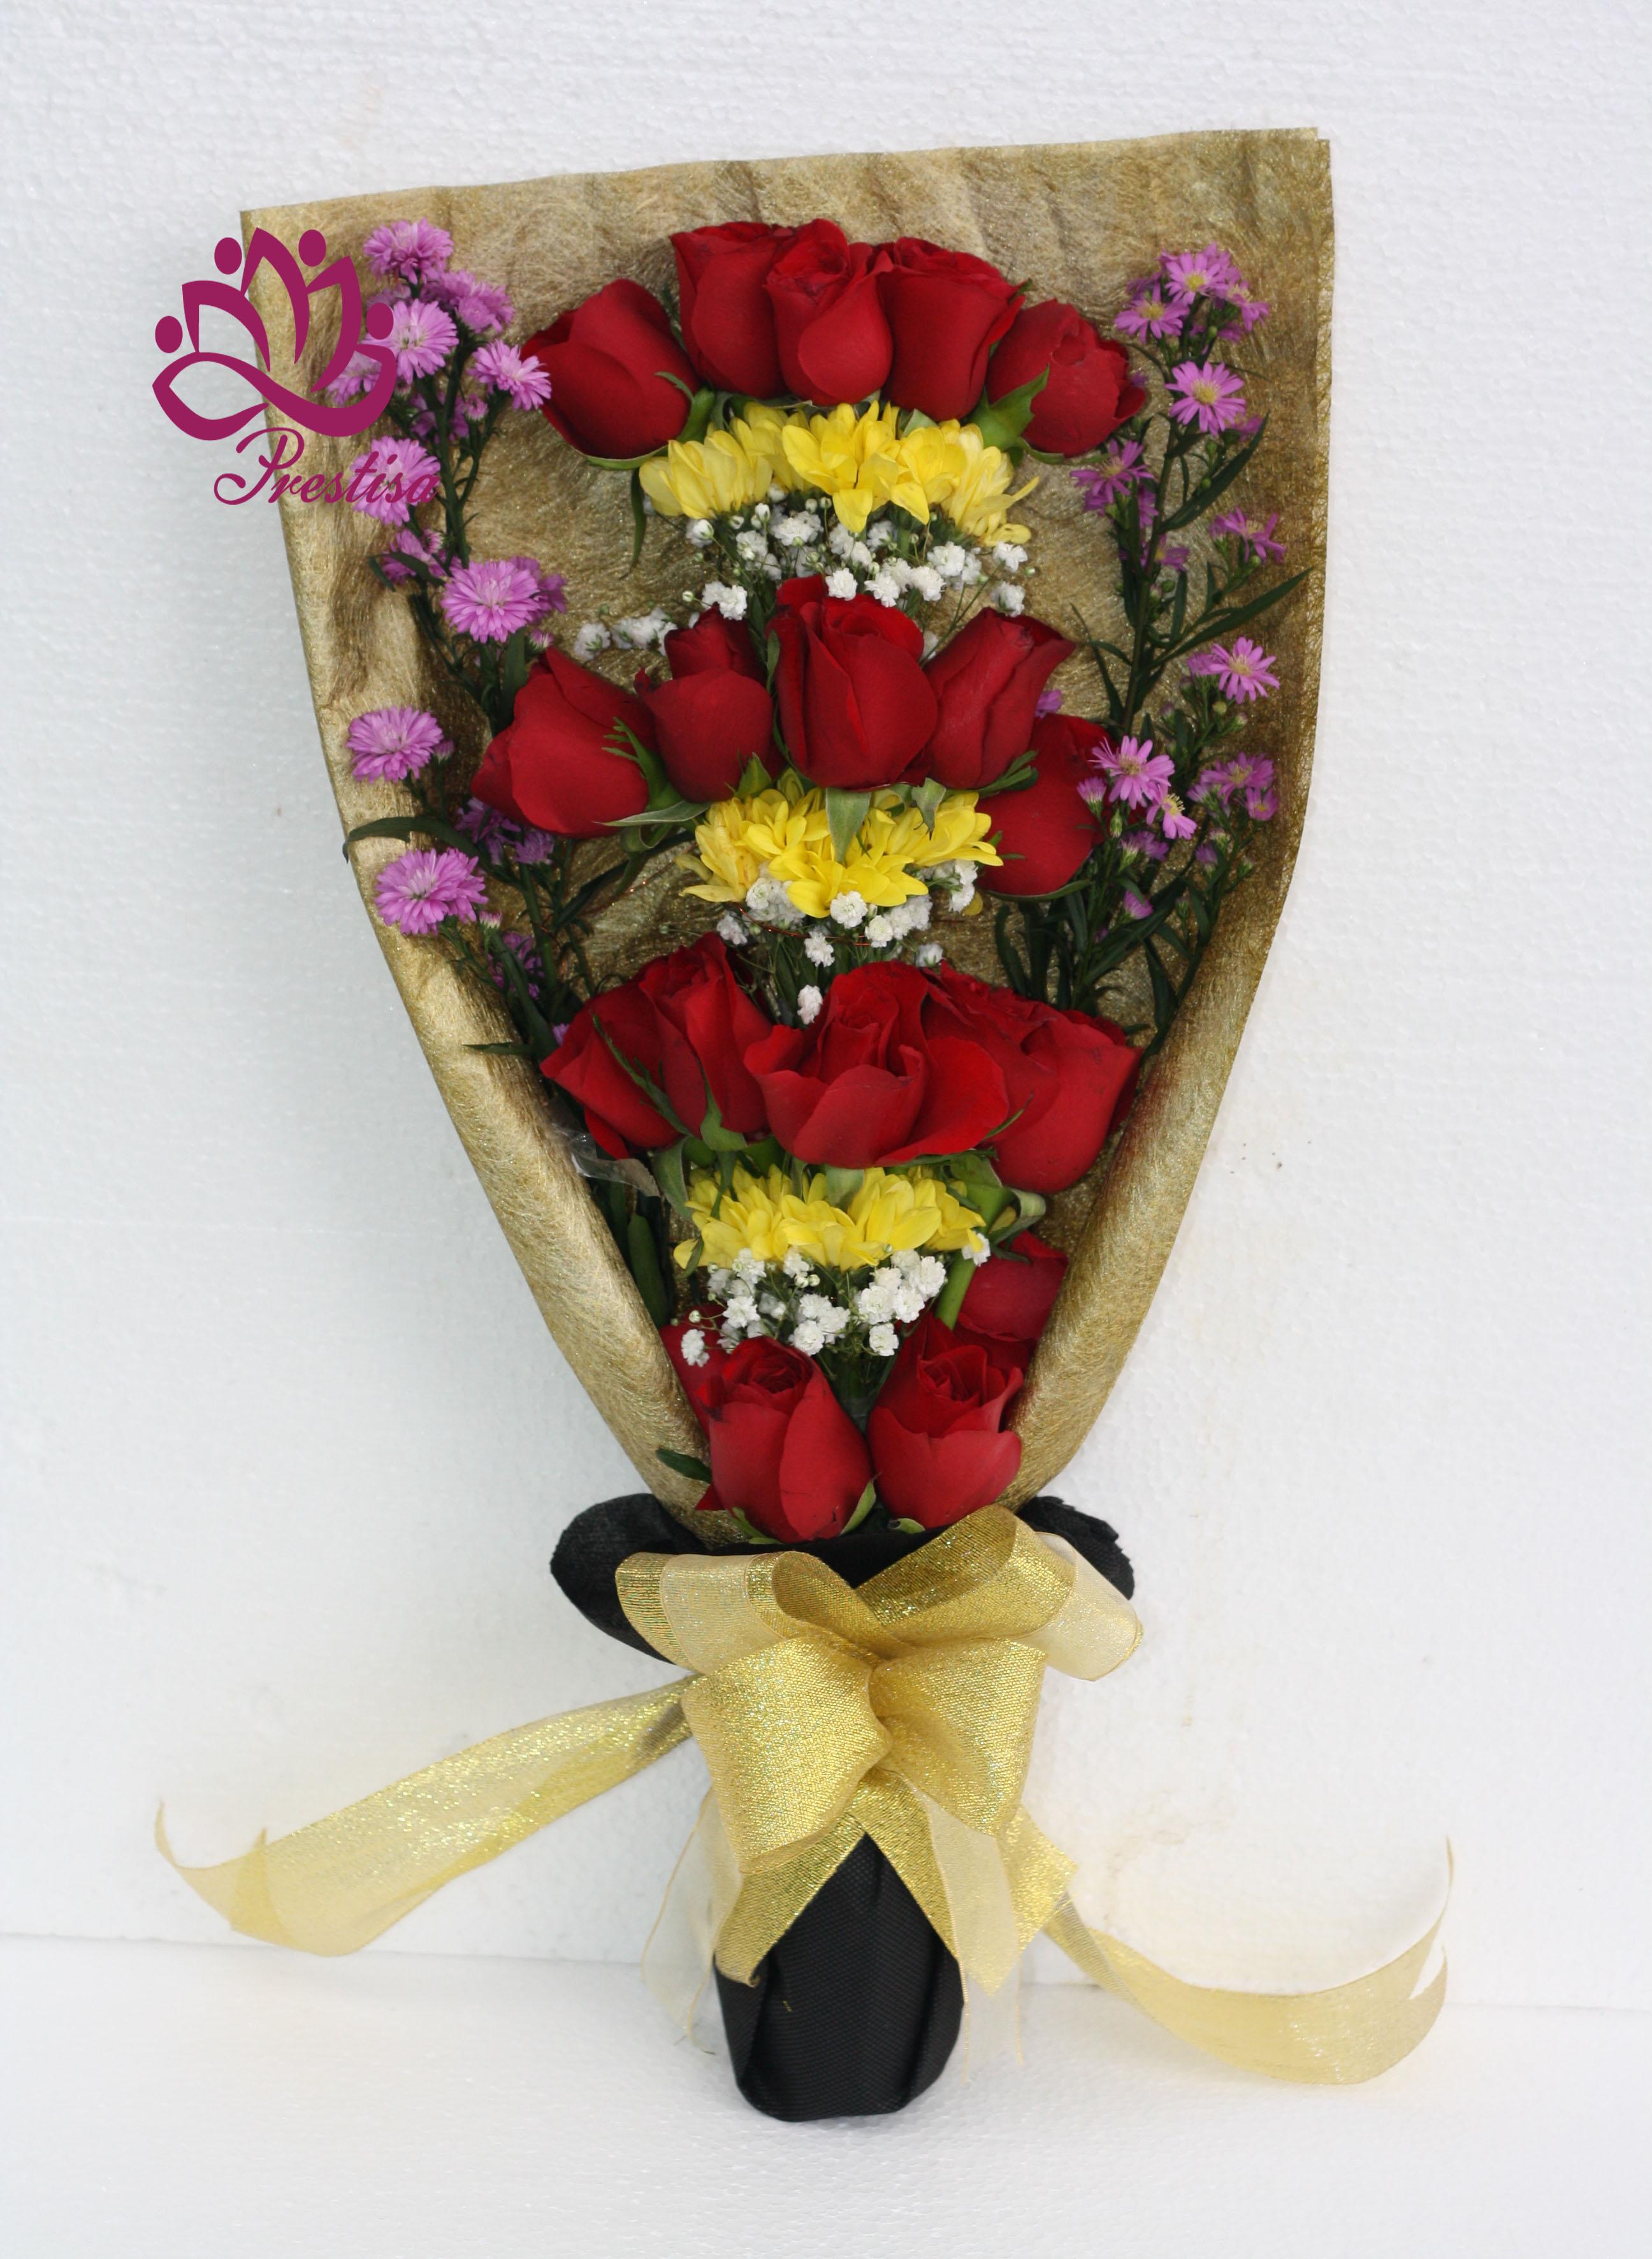 Toko Bunga Batu Ceper, Tanggerang | Jual Bunga Mawar di Tanggerang